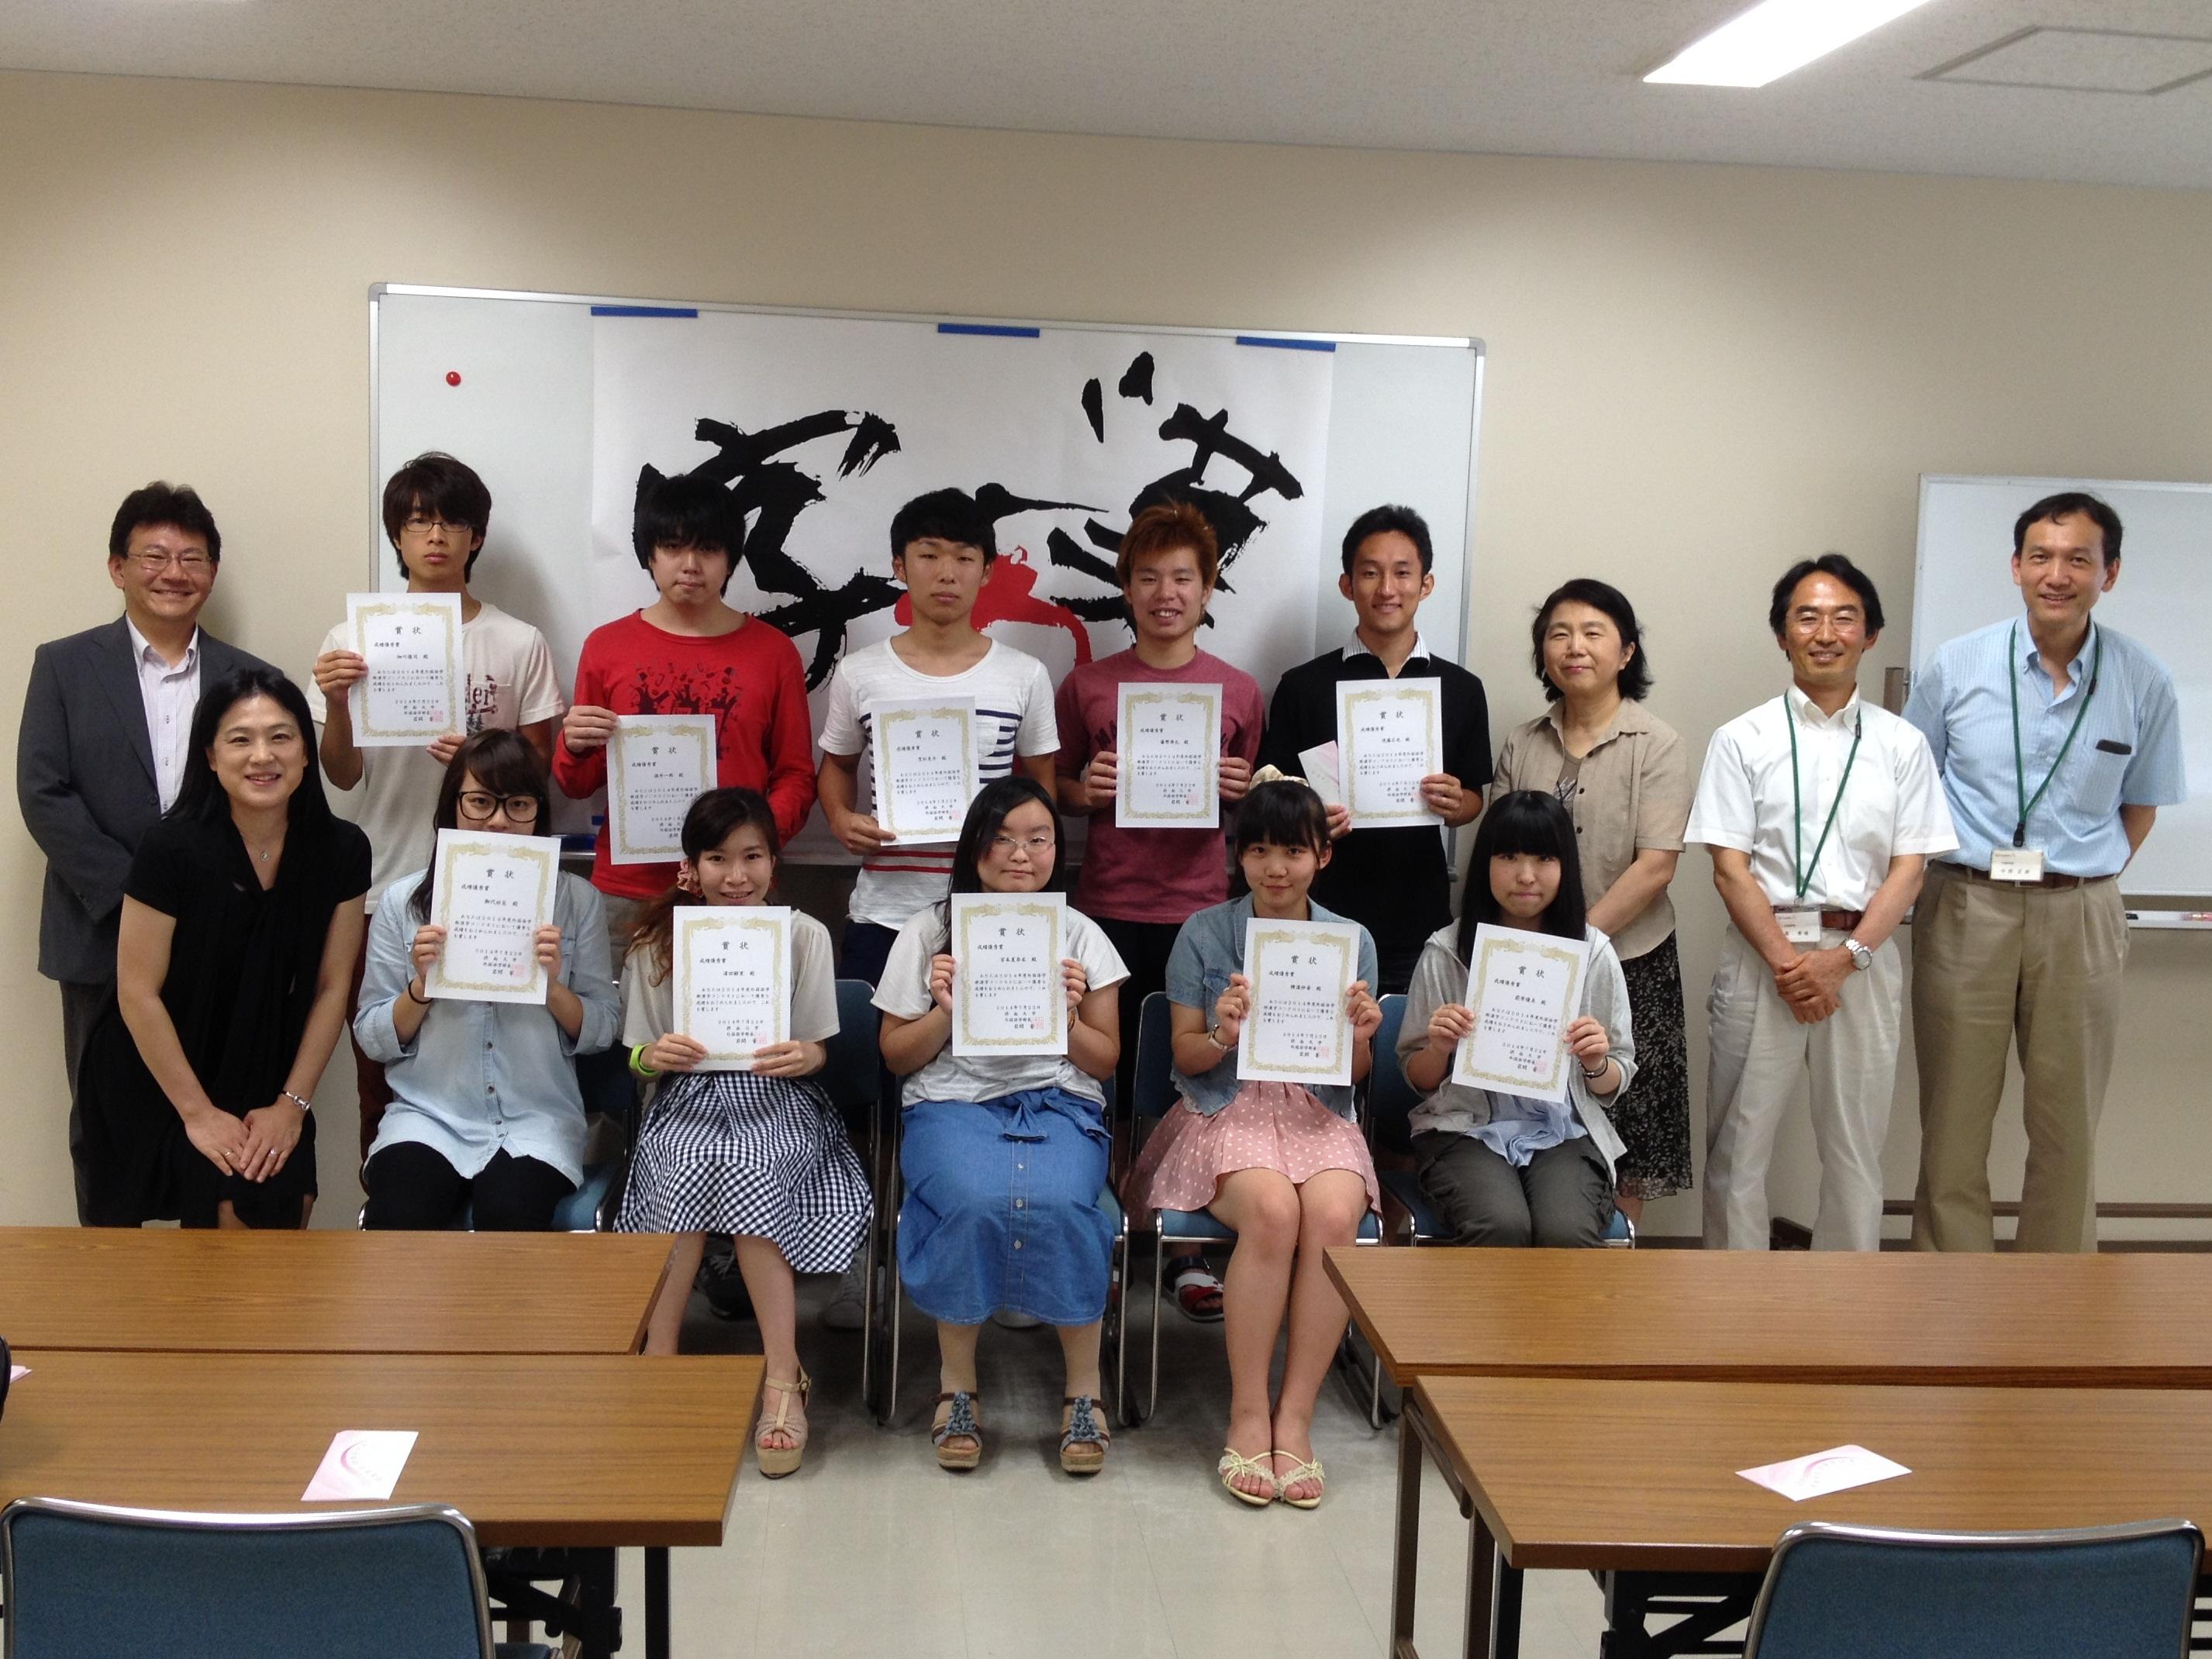 漢字 5年生漢字テスト : 漢字コンテストを開催しました ...